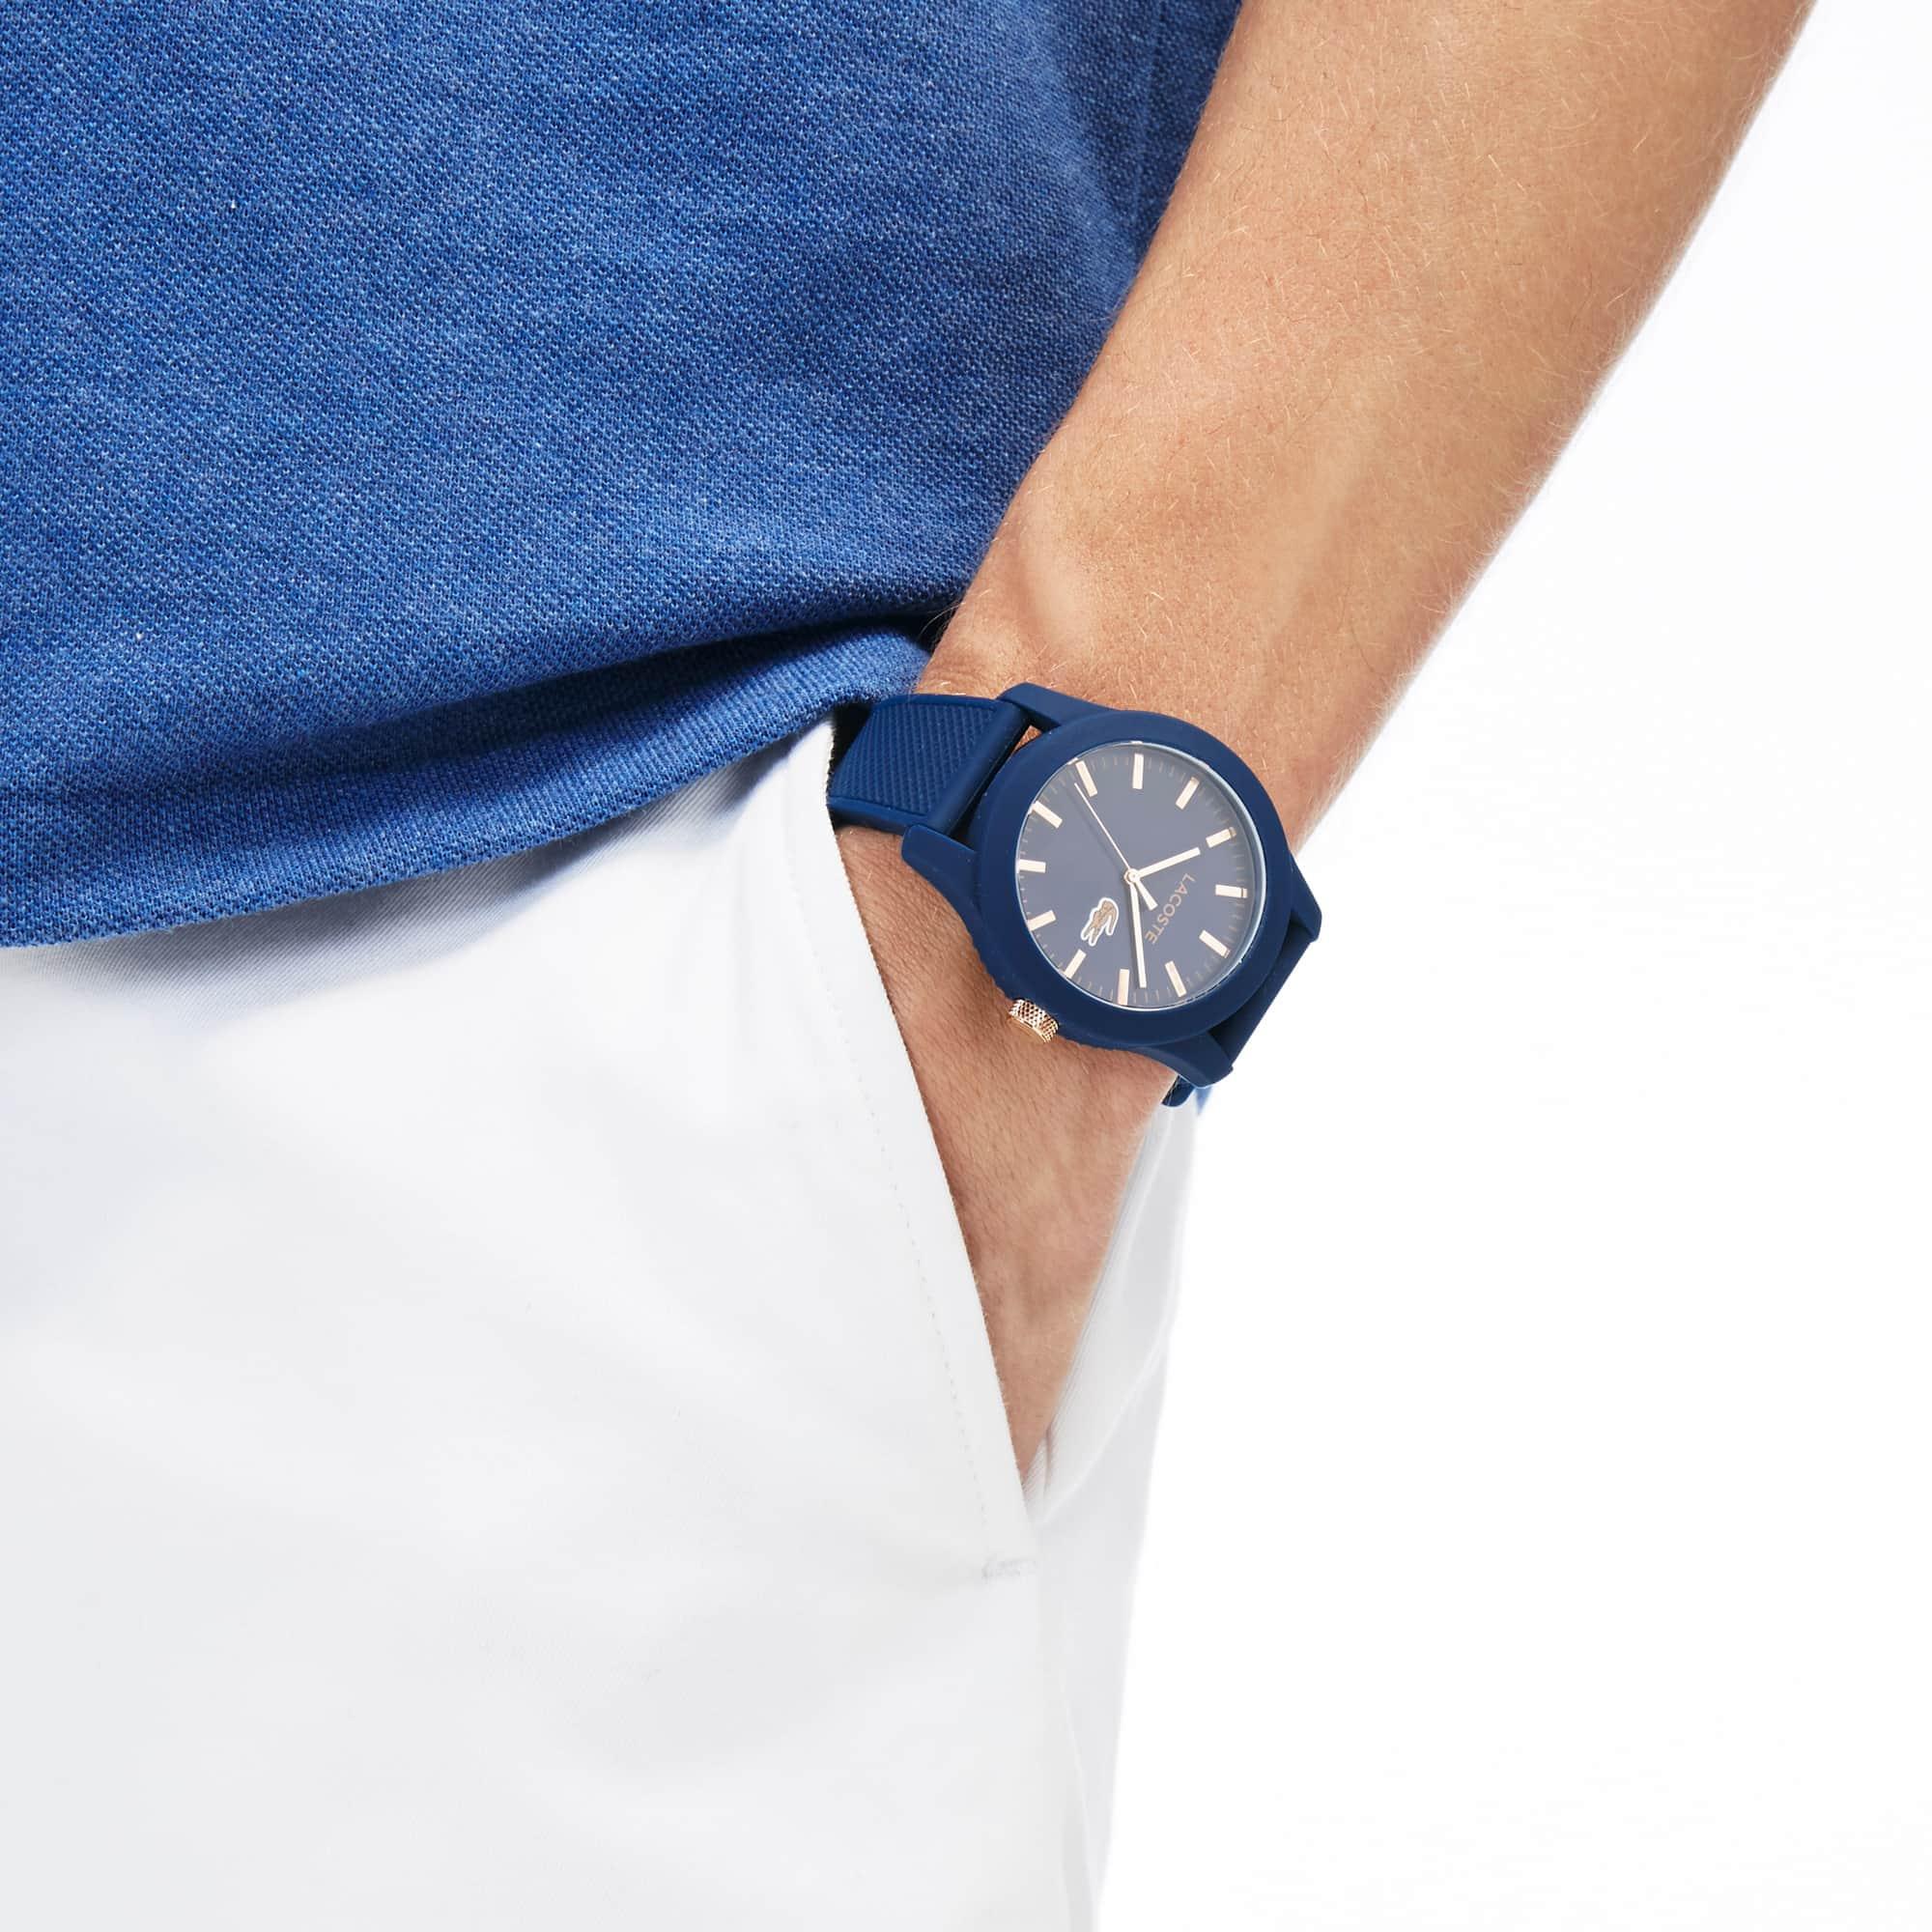 Herrenuhr LACOSTE12.12 mit blauem Silikonarmband